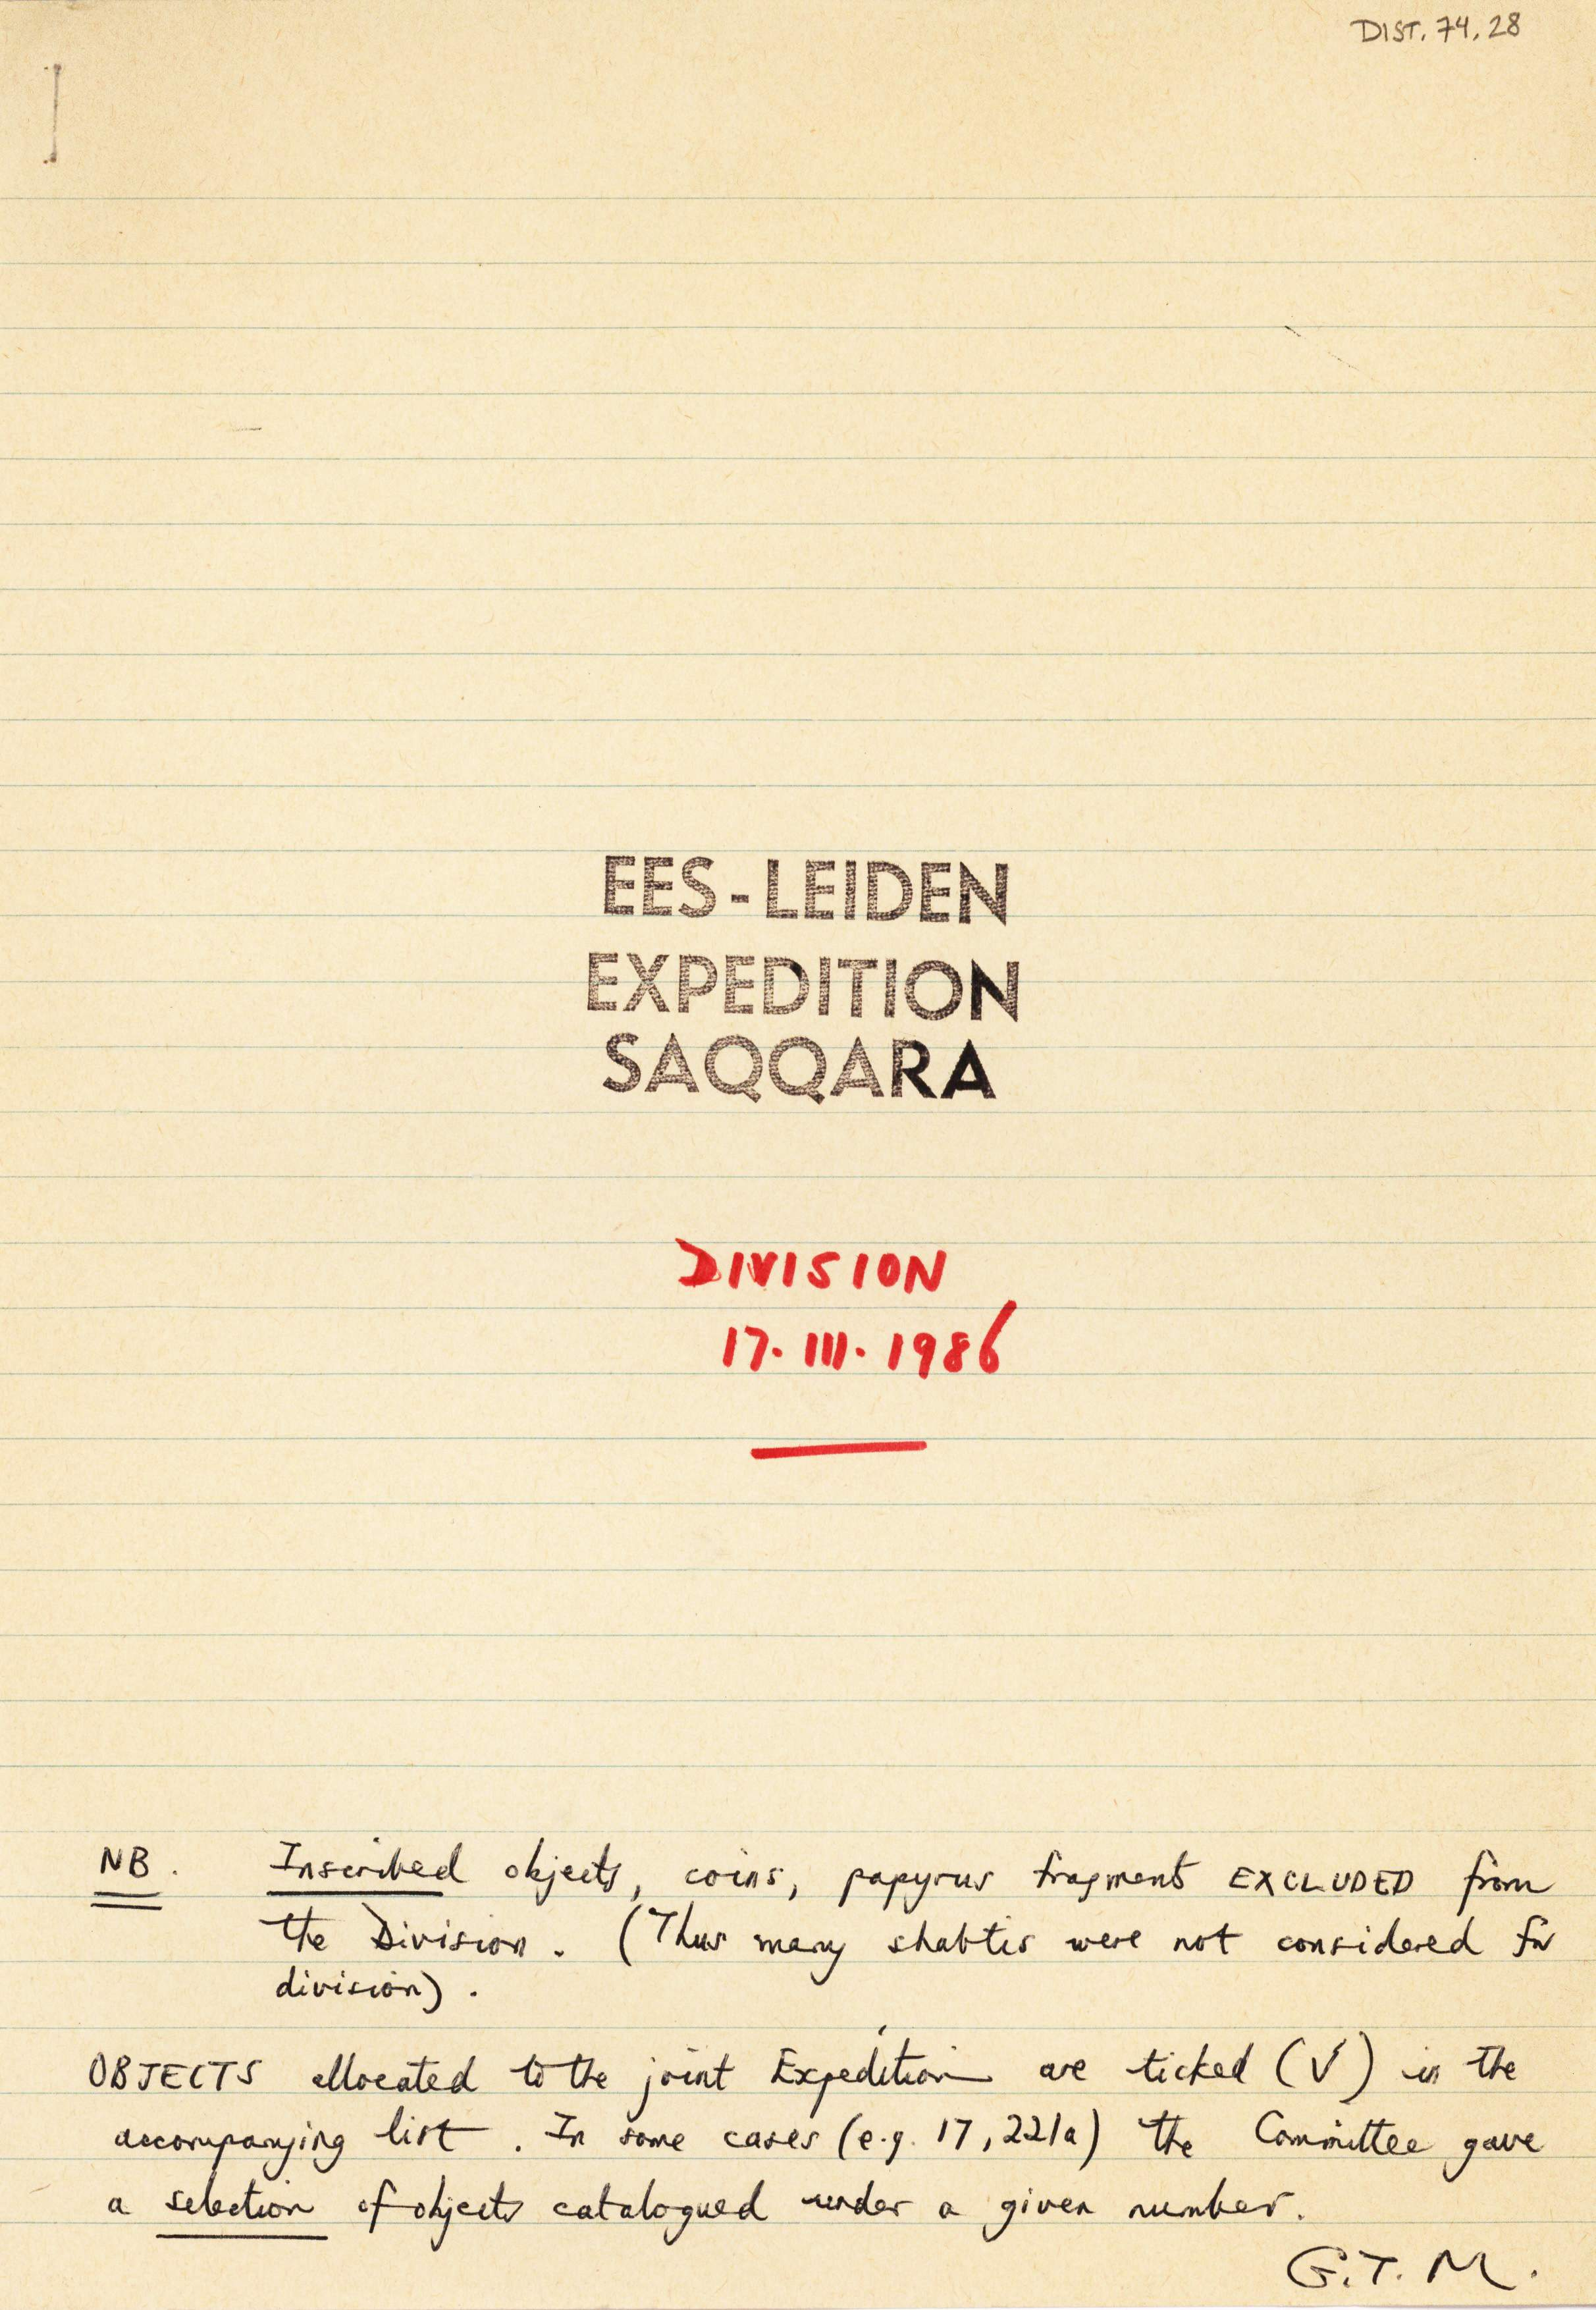 1986-2001 Saqqara, Qasr Ibrim and Memphis DIST.74.28a